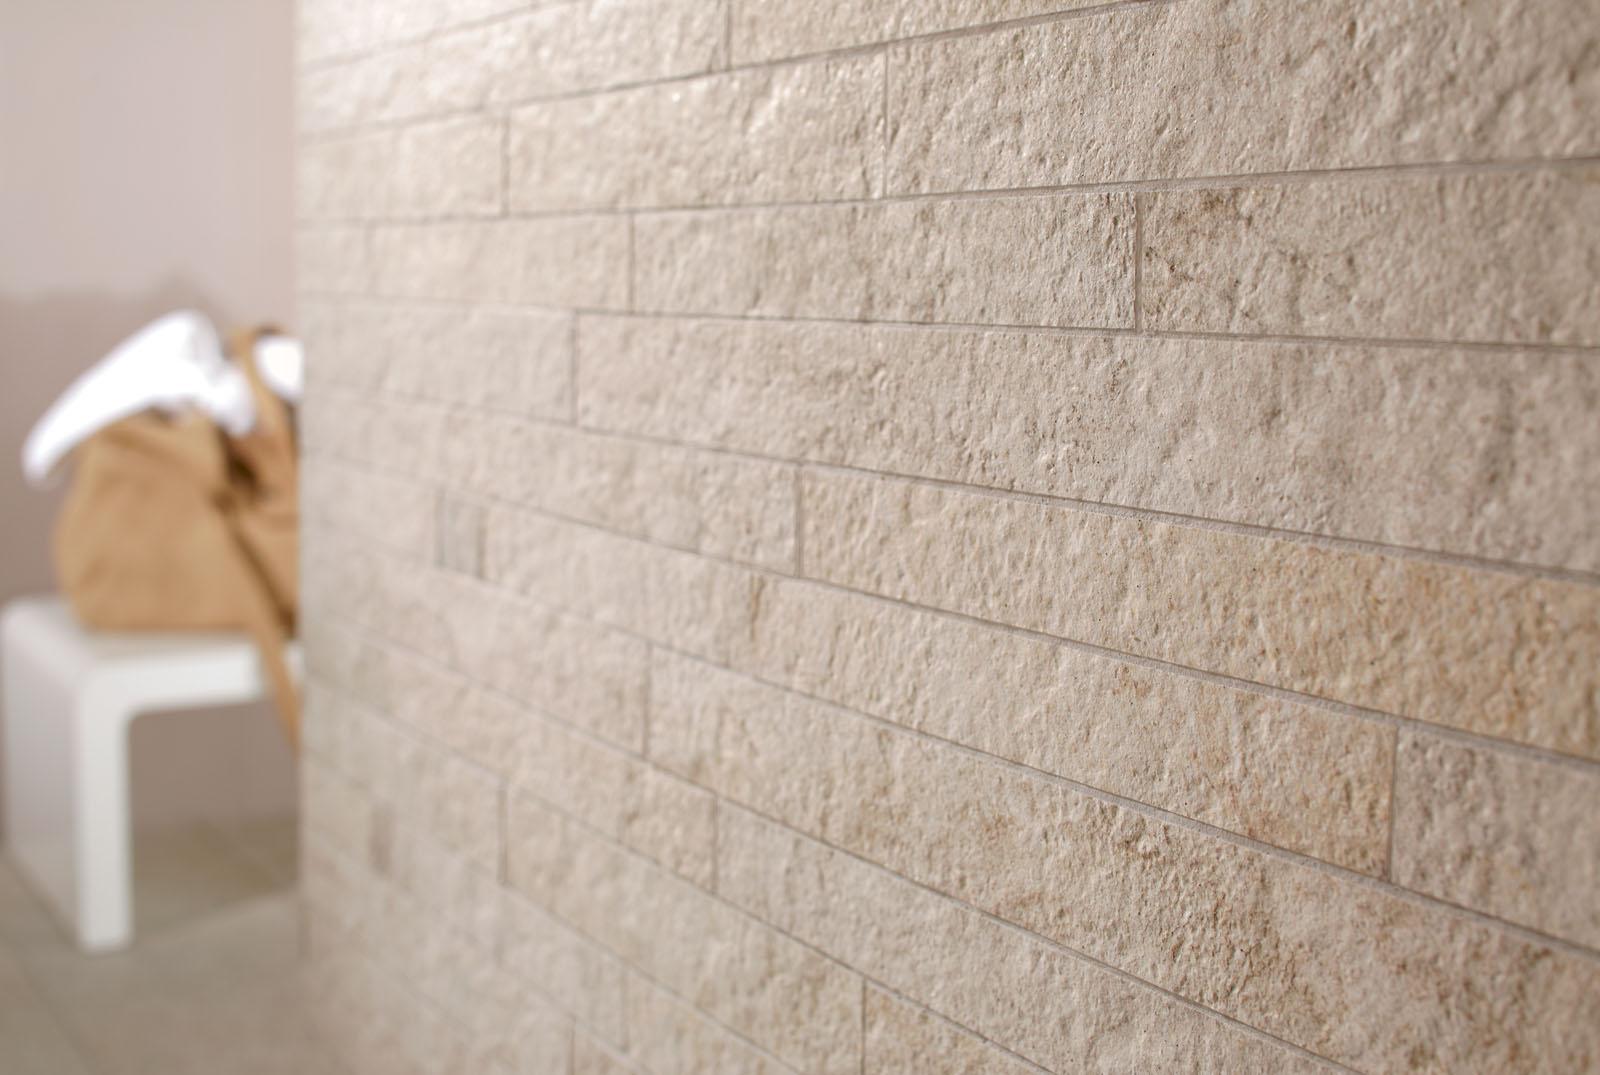 Piastrelle a mosaico per bagno e altri ambienti marazzi - Piastrelle rivestimento esterno ...